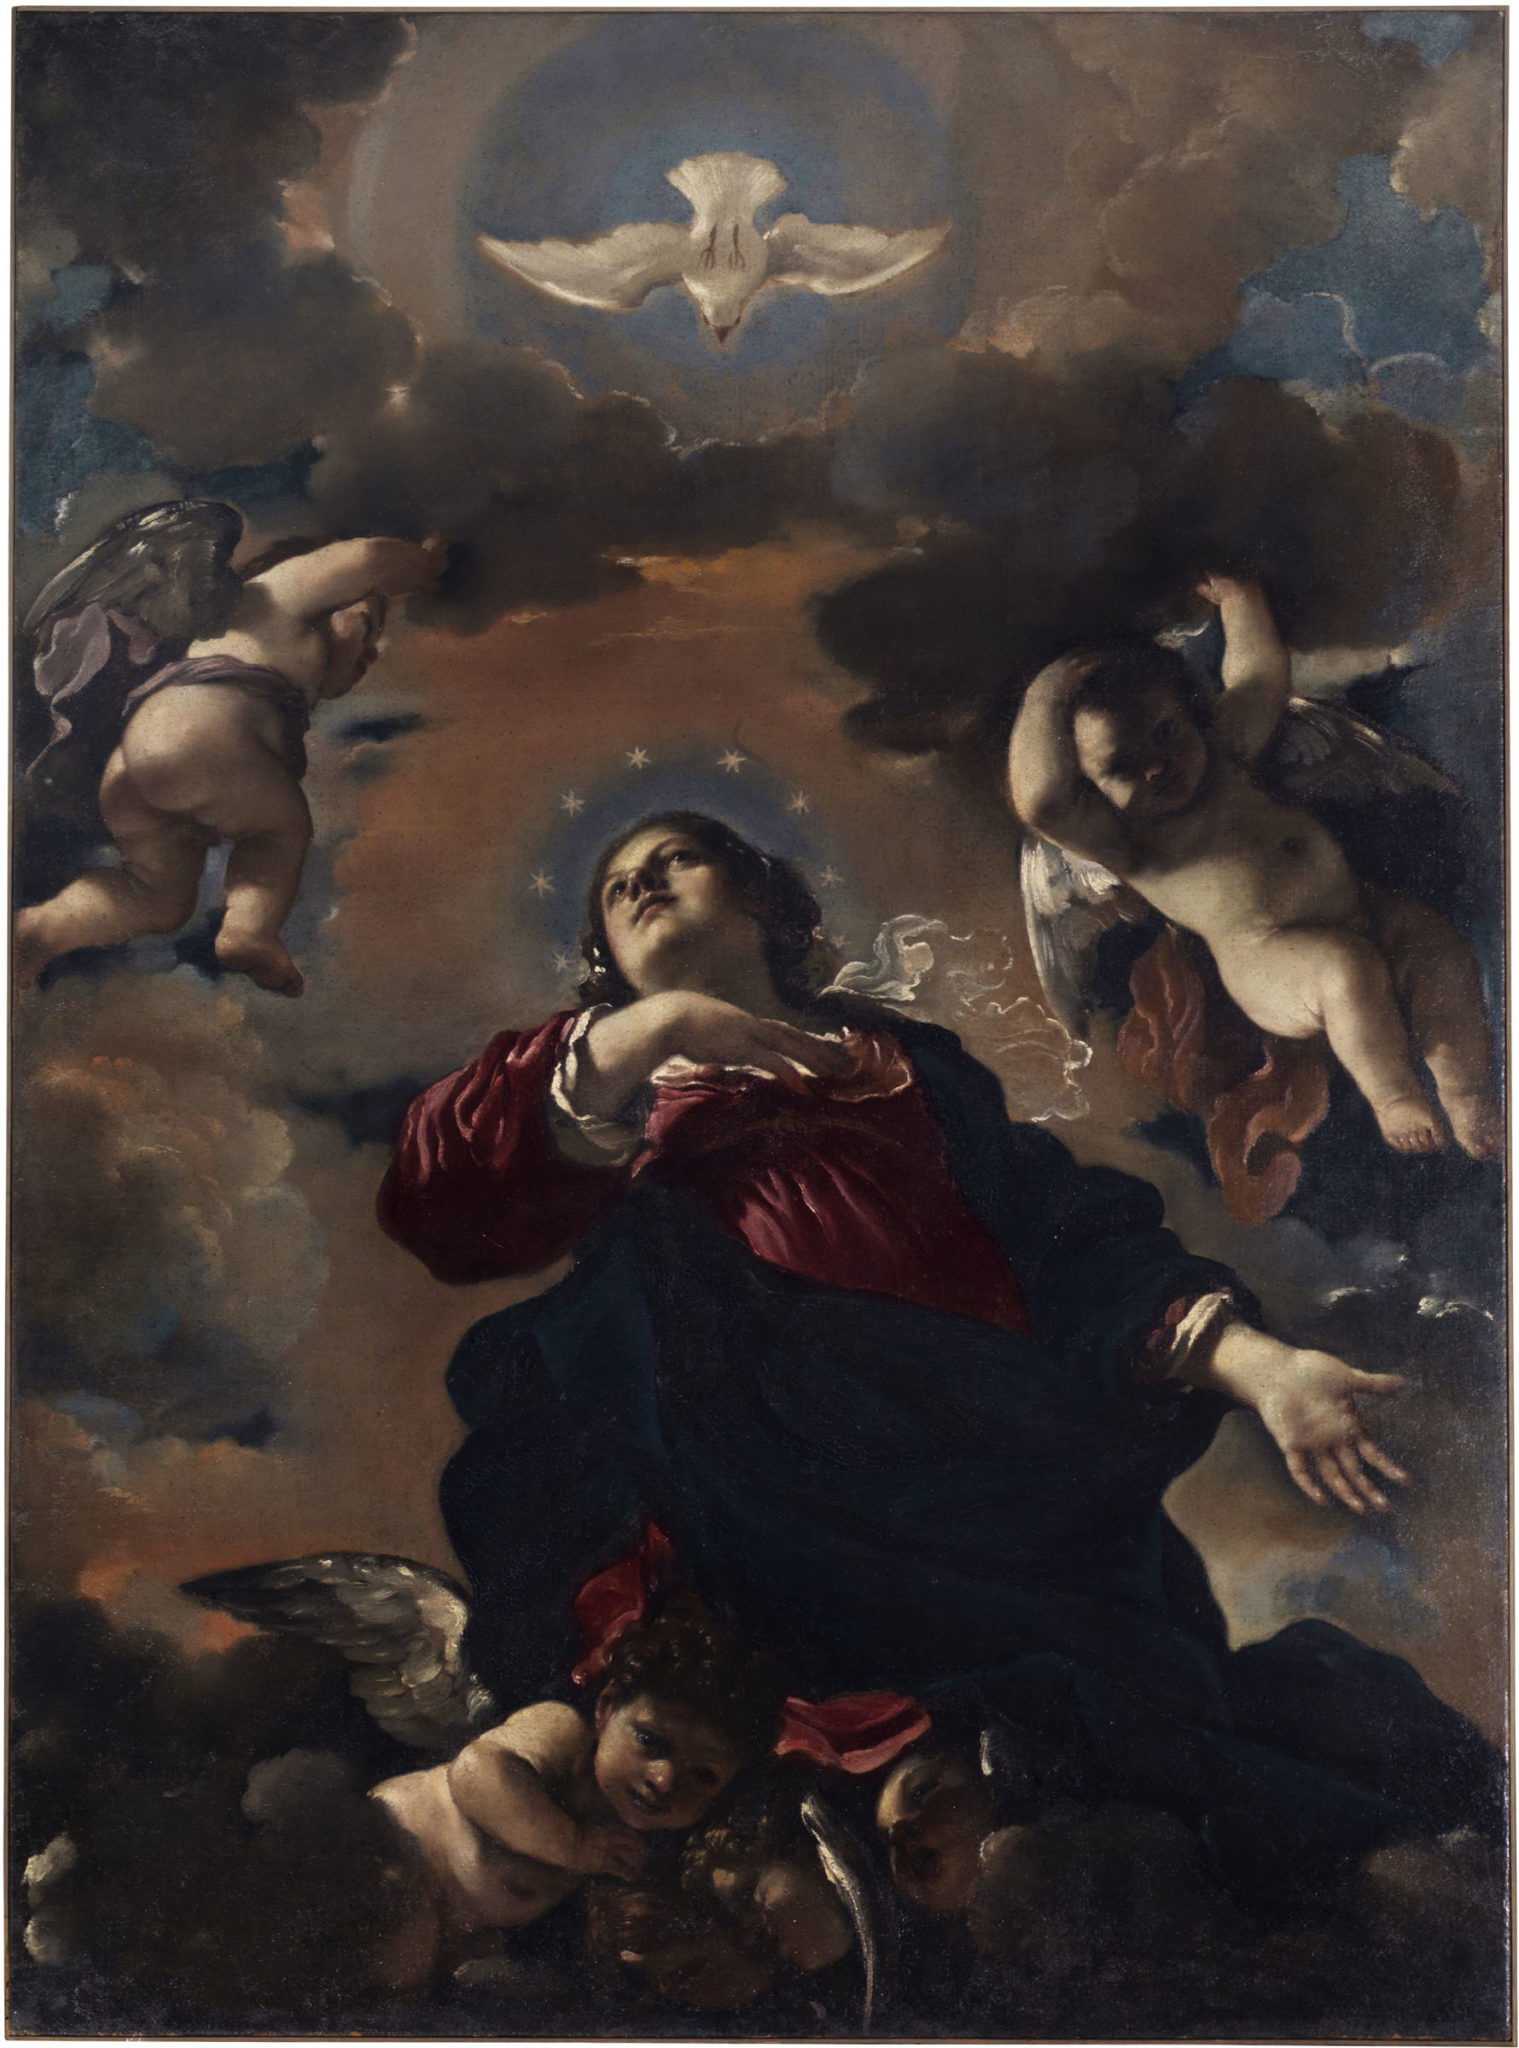 Guercino, Assunta, 1622, olio su tela, Cento, Chiesa del Rosario